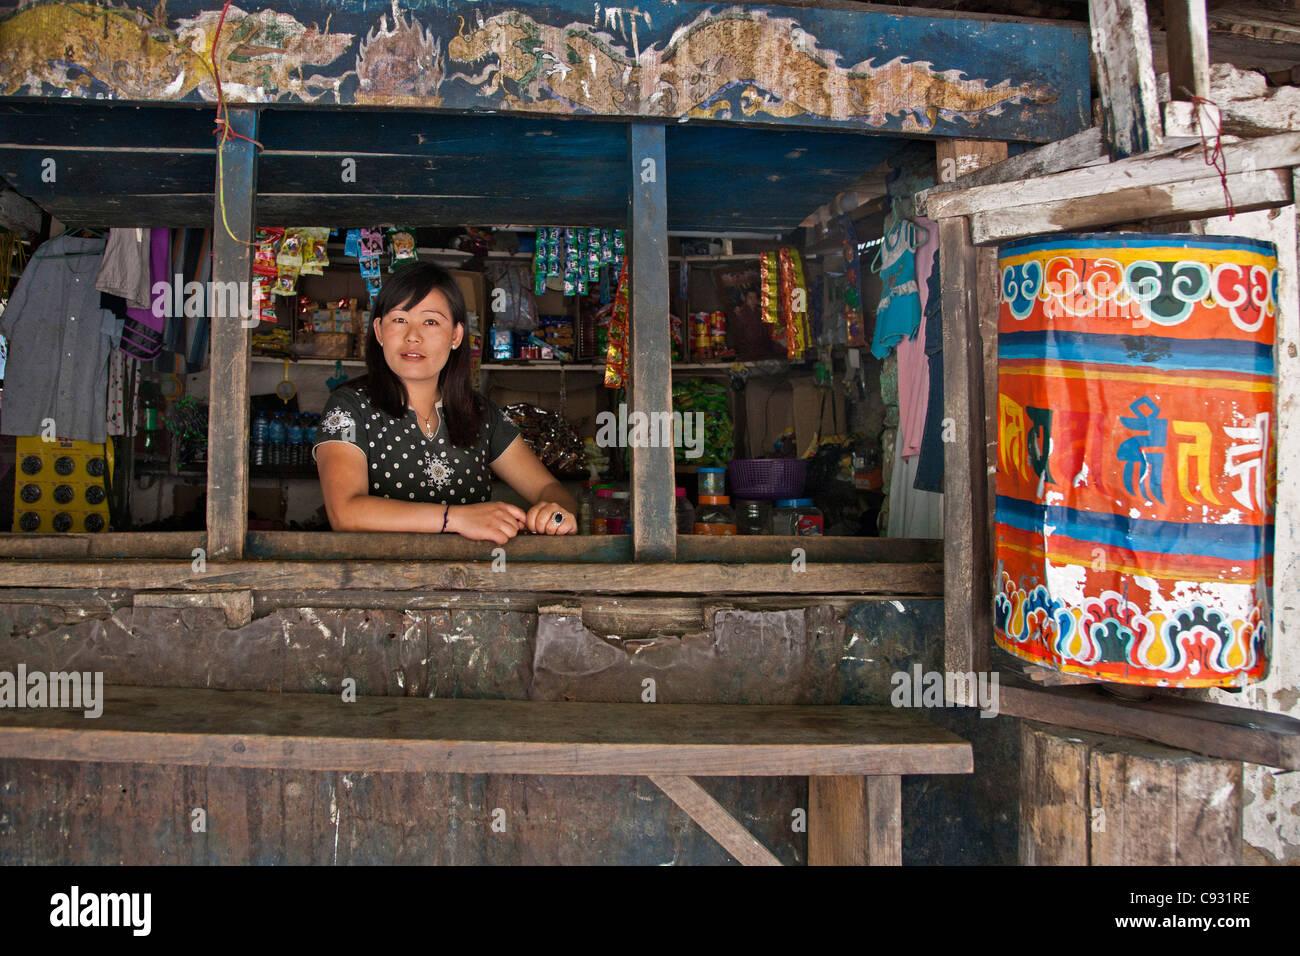 Una donna al negoziante nel suo piccolo negozio rurale sulle rive del fiume Kolounchu appena fuori Trashigang. Immagini Stock